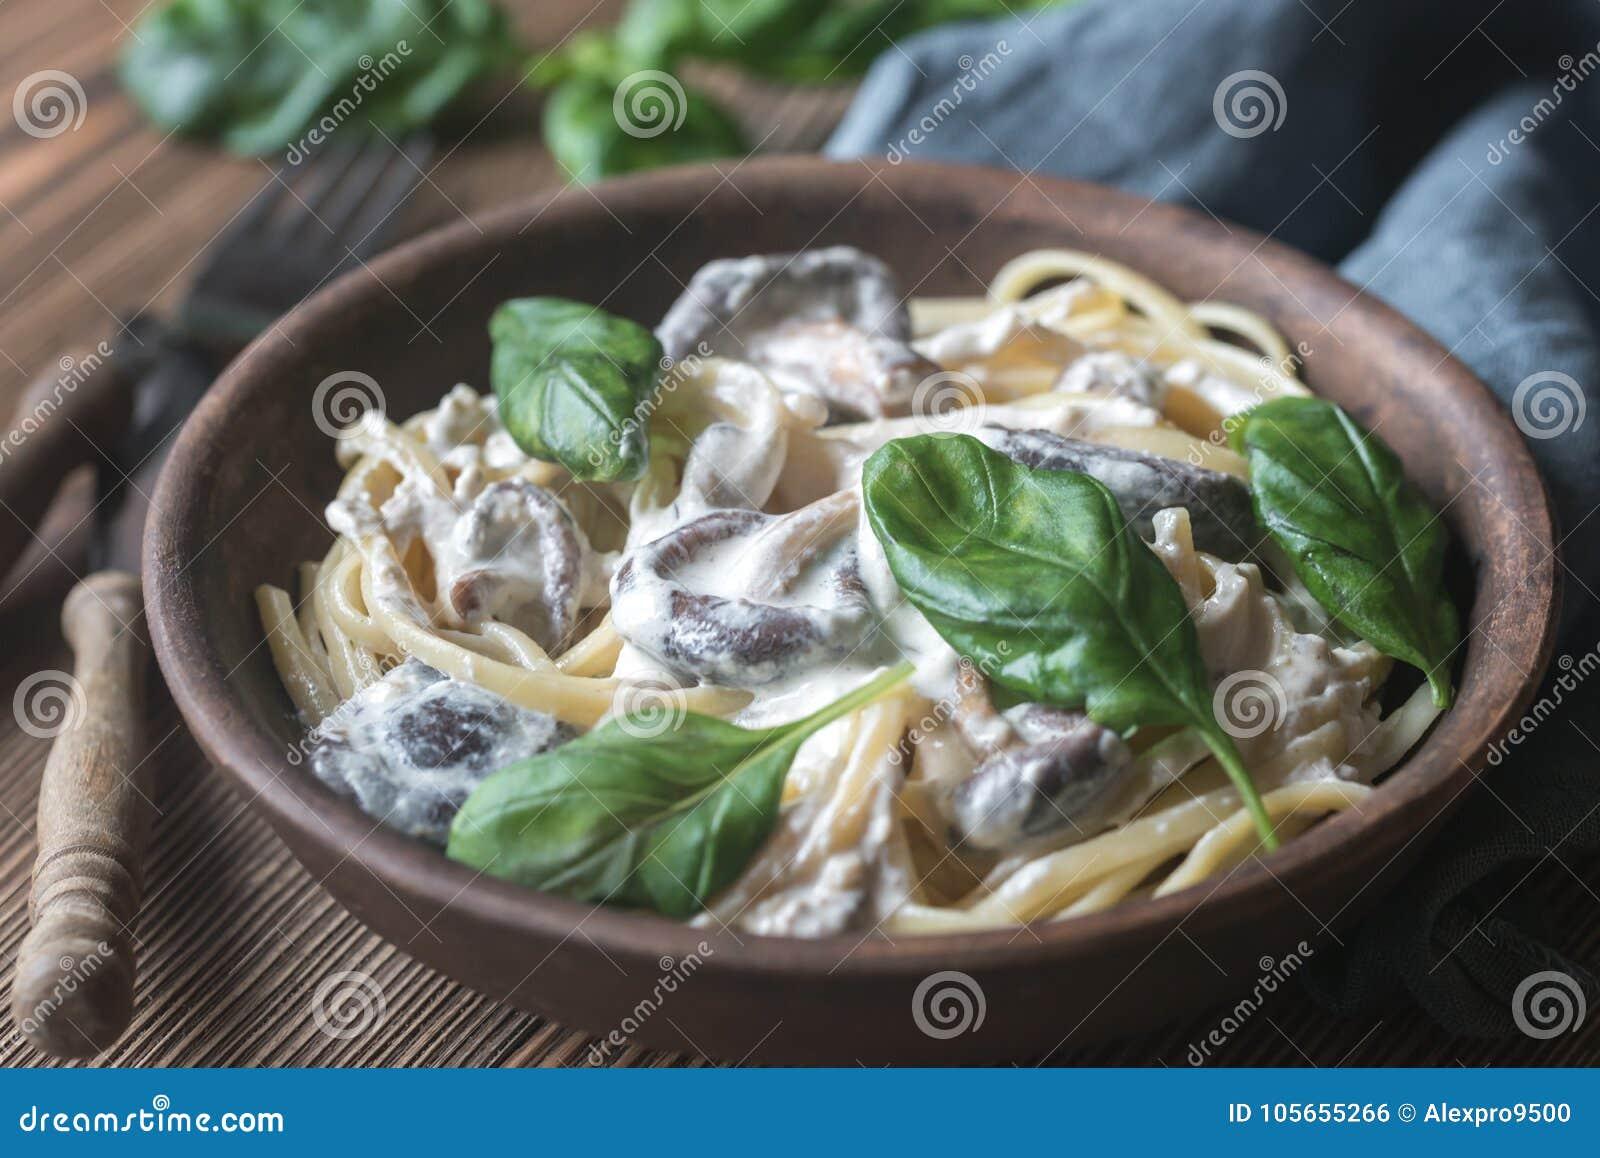 Partie de linguine crémeux de champignon